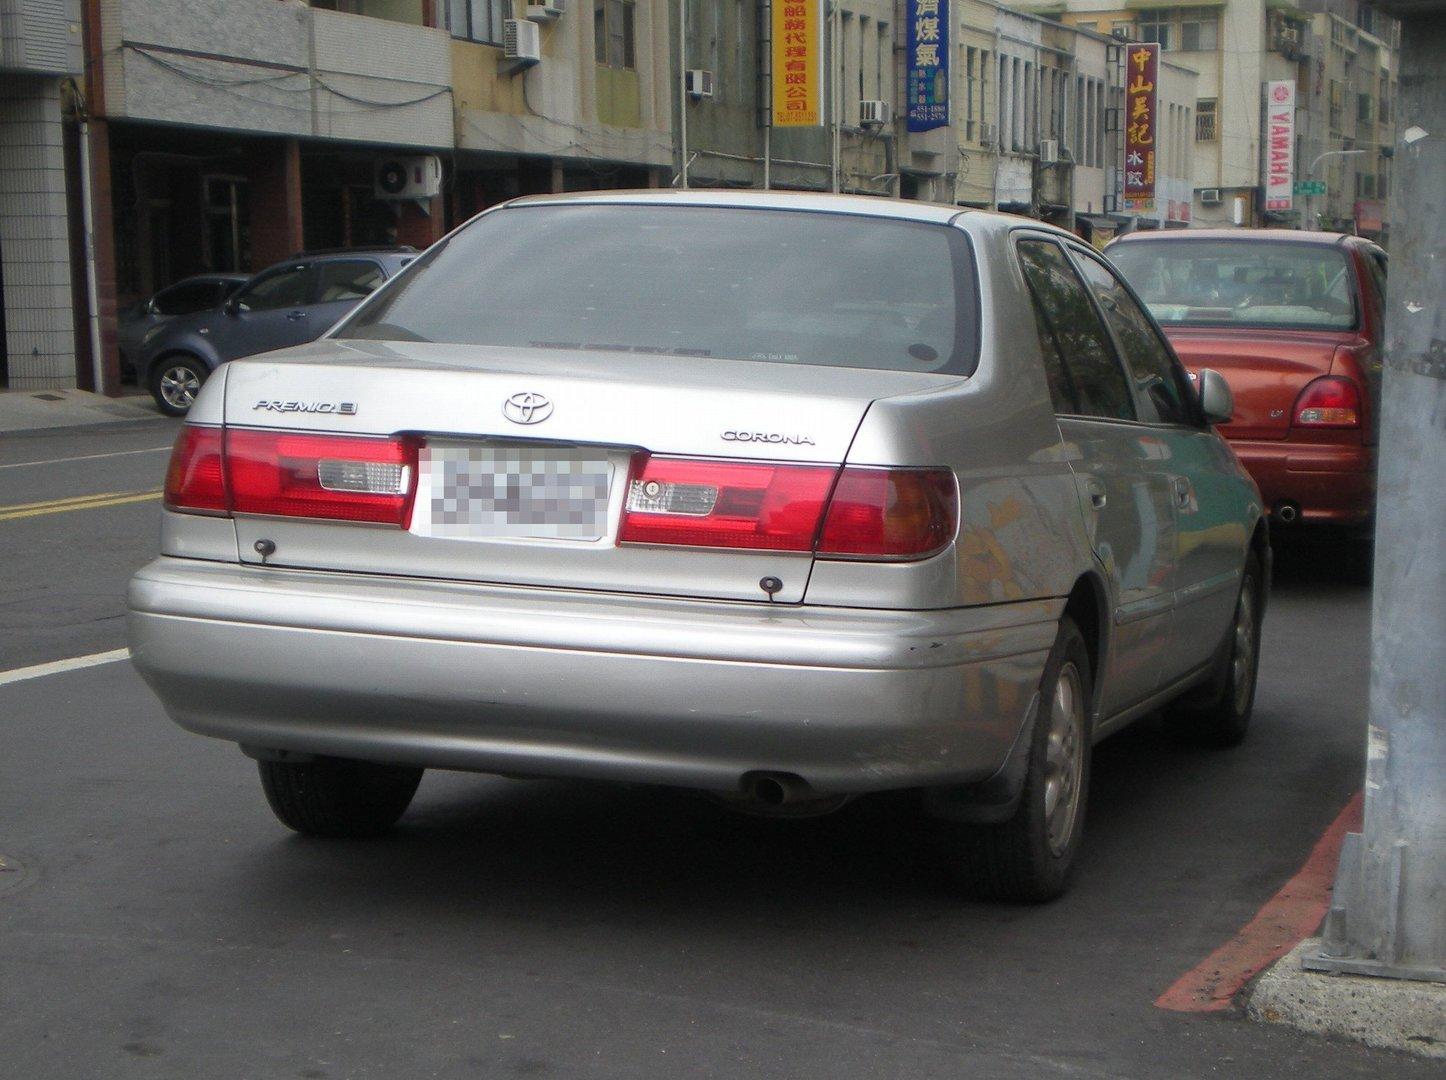 Taiwán entra en pánico: un chino iba conduciendo un Toyota Corona